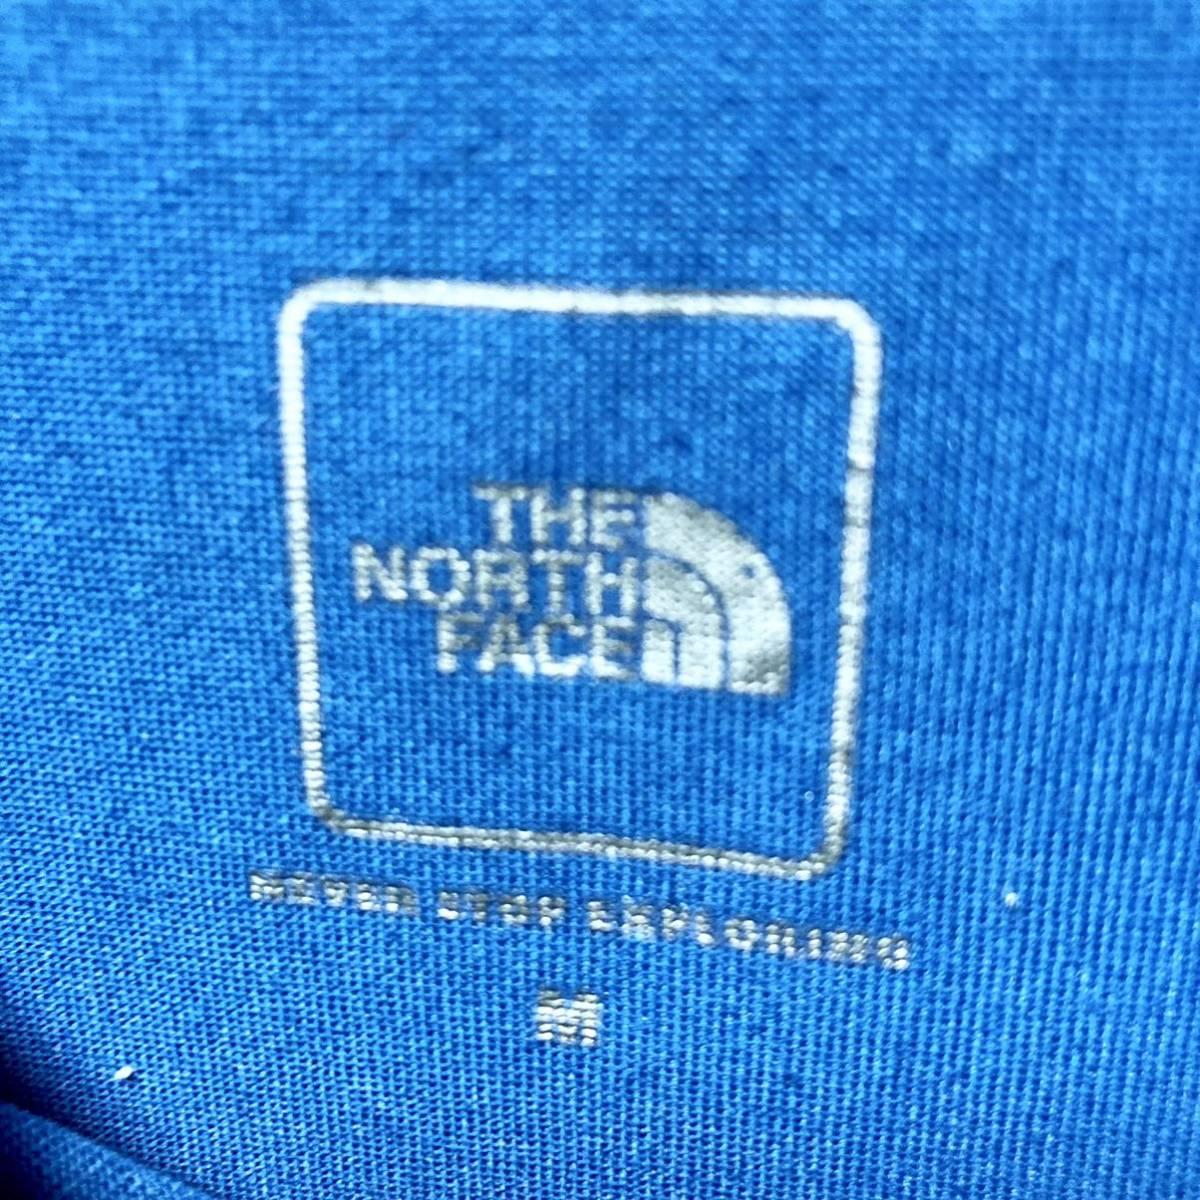 THE NORTH FACEザノースフェイス tシャツ メンズ 半袖